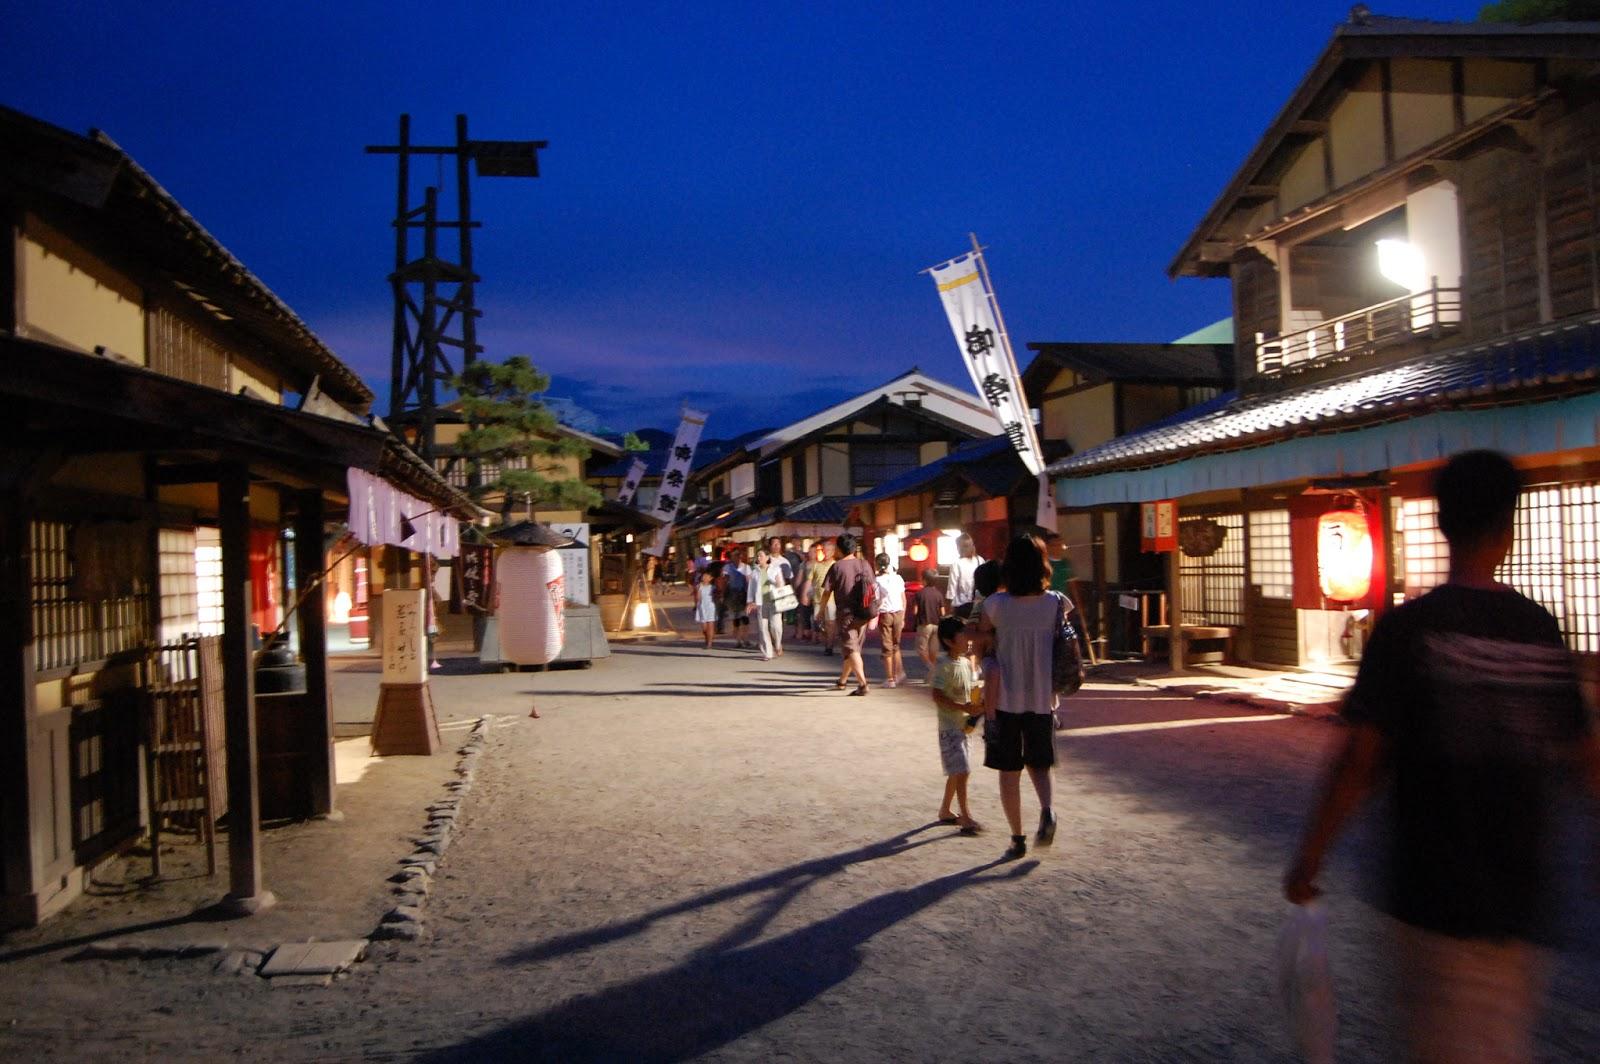 paket tour jepang, paket wisata jepang, wisata jepang, paket tour liburan, paket tour liburan sekolah jepang, paket tour liburan sekolah